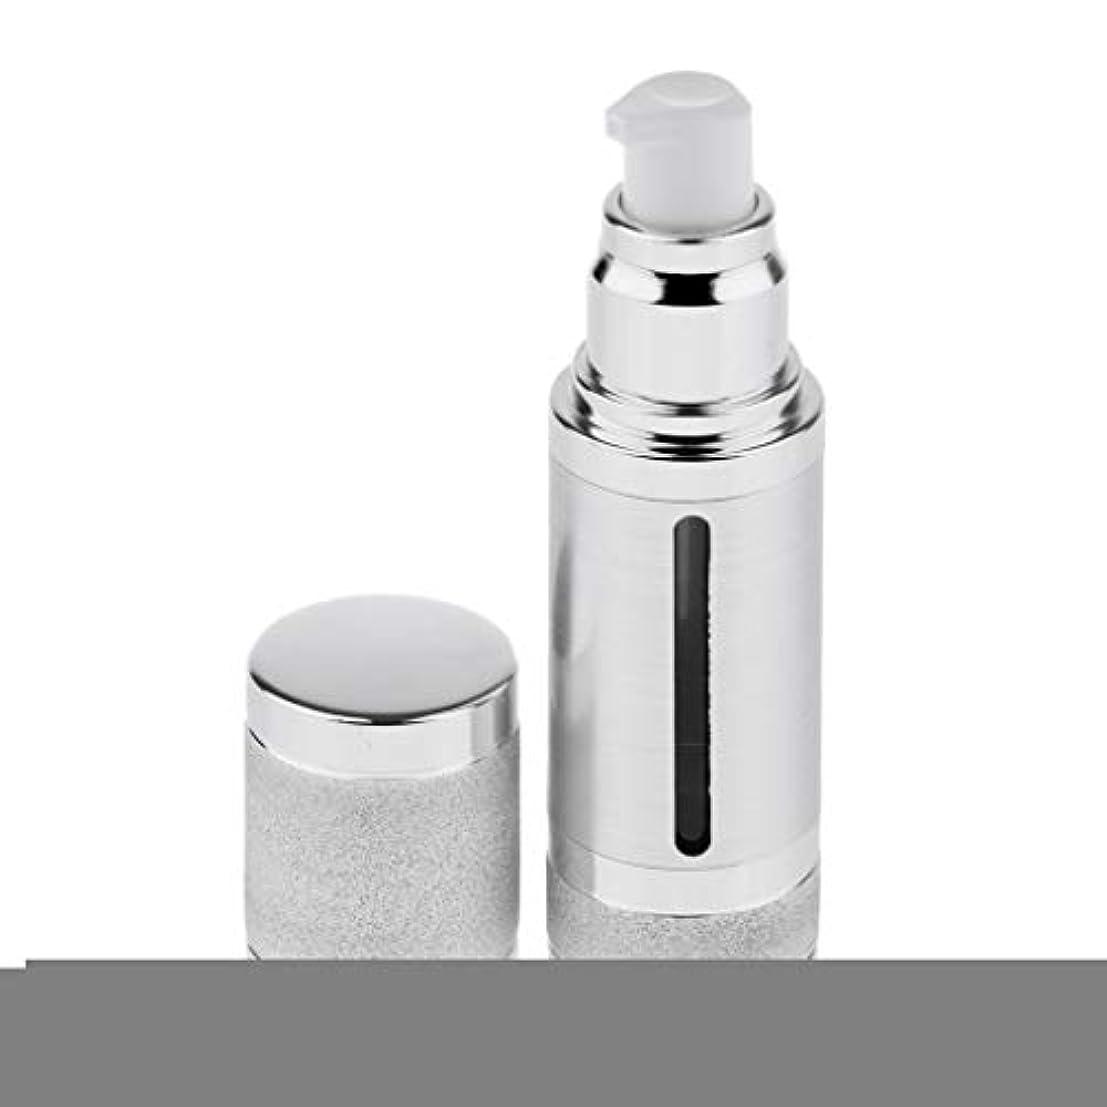 歯科医インストール端末30ミリリットルエアレスポンプボトルローションクリーム化粧品詰め替え容器 - 銀